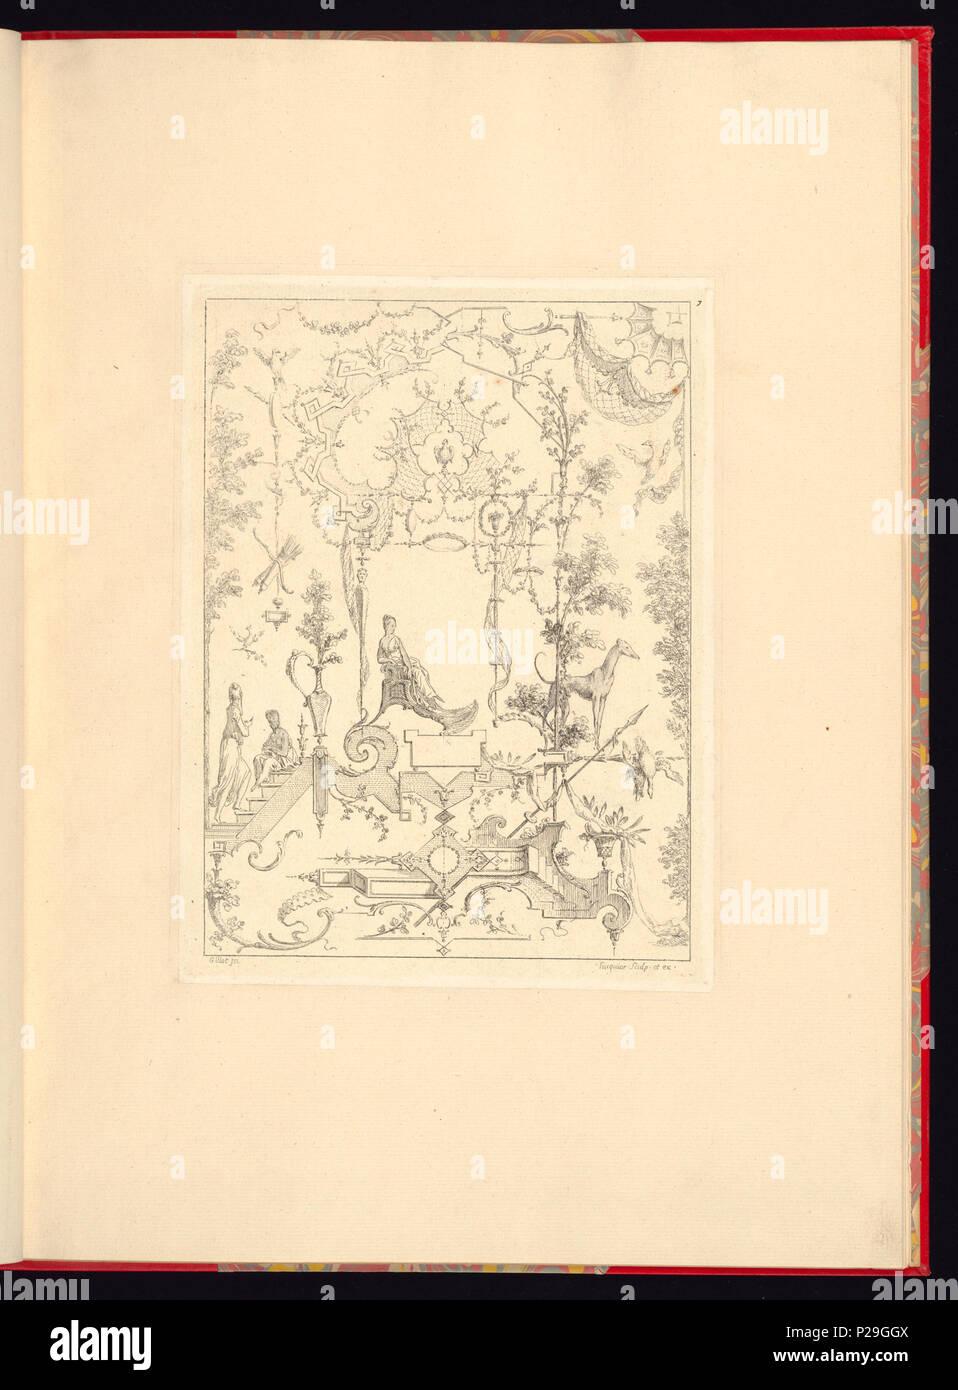 268 Imprimir, Nouveau livre de principes d'ornements particulièrement pour trouver ONU nombre infini de tormes qui dependiente, d'après les dessins de Gillot. Peintre du Roy gravé par Huquier; pl. 7 (CH) 18272773 Foto de stock